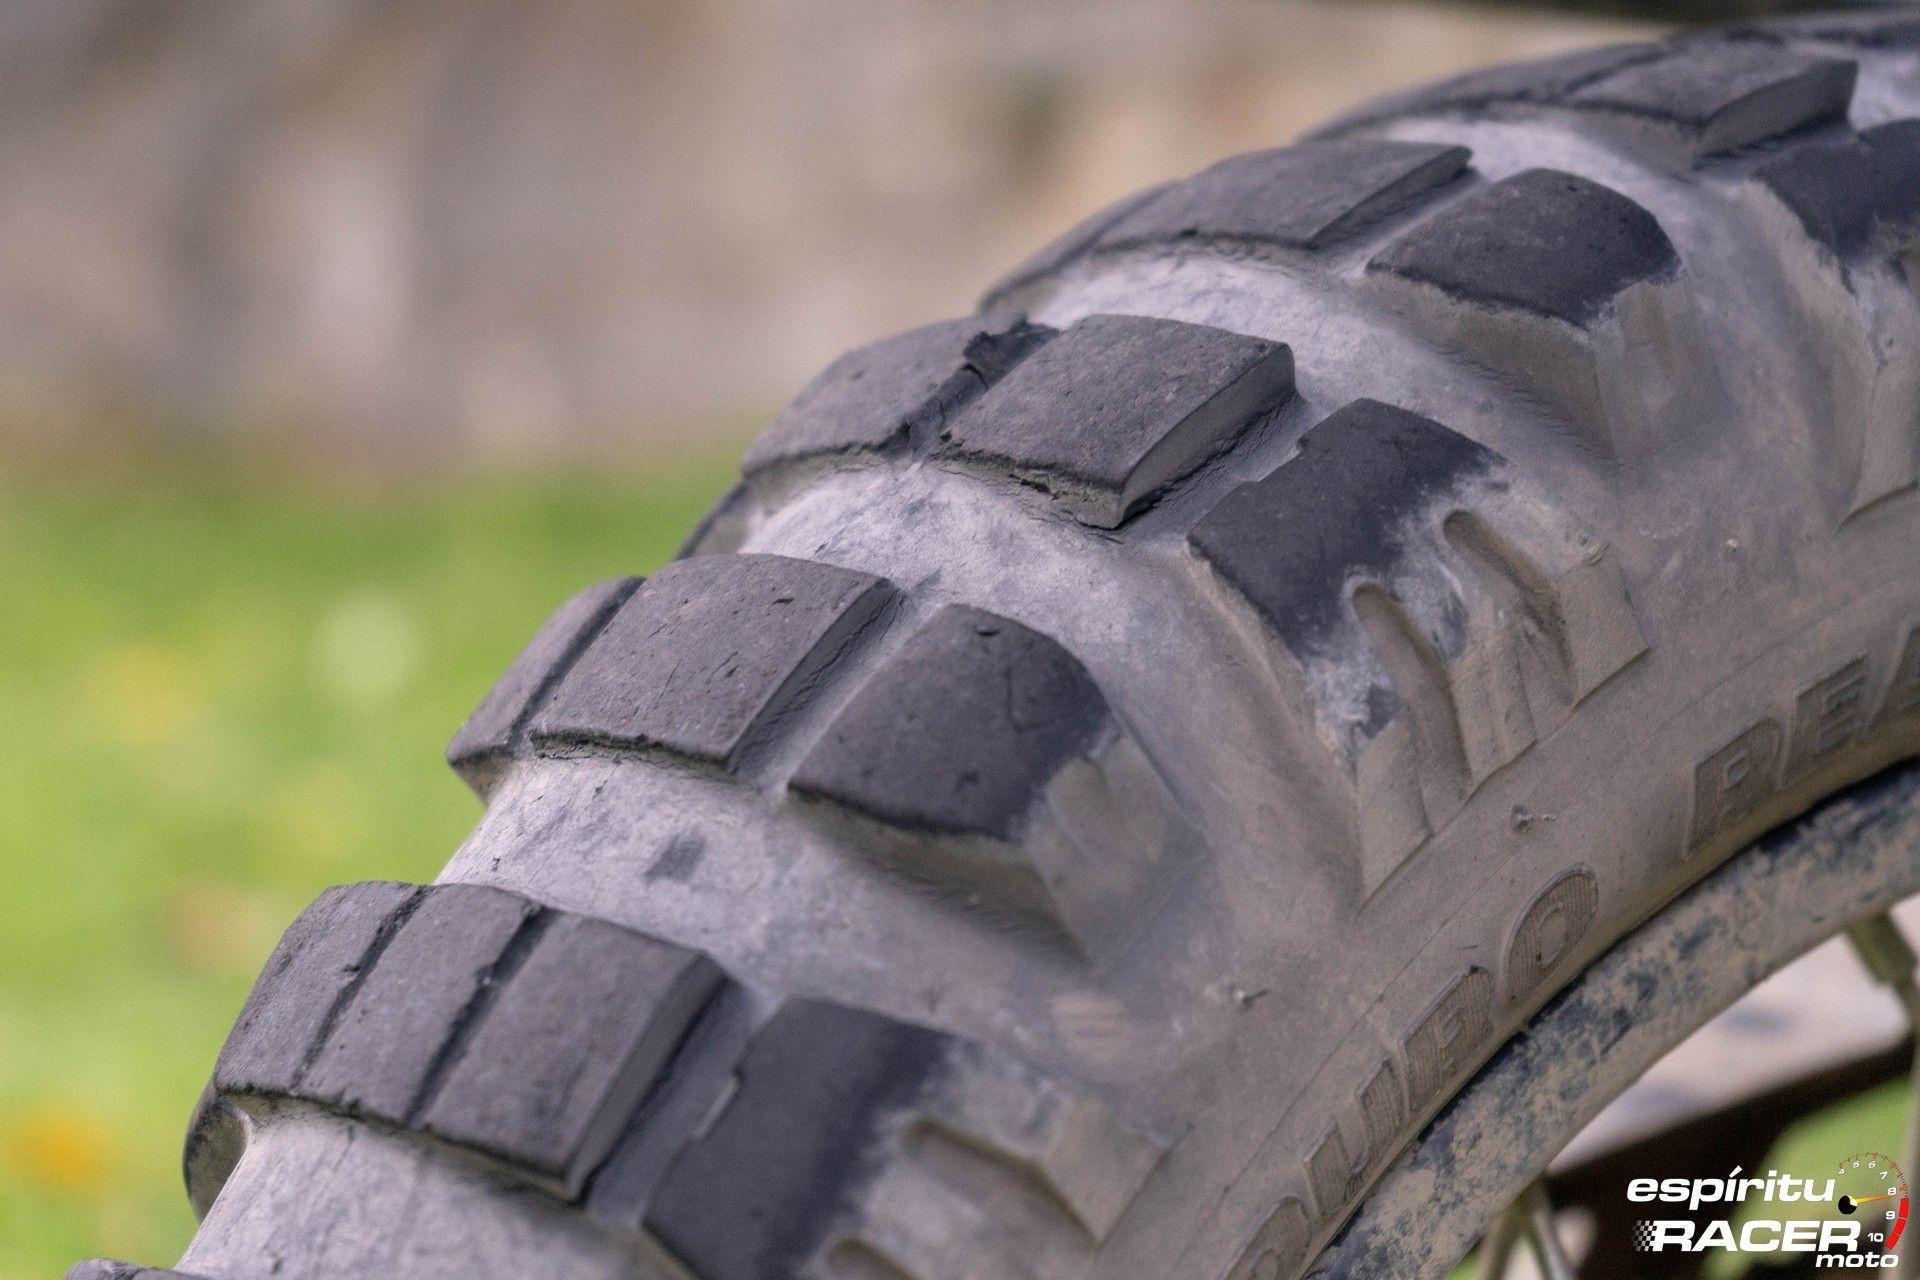 Ya se pueden montar neumáticos de moto con códigos de velocidad inferiores a los homologados